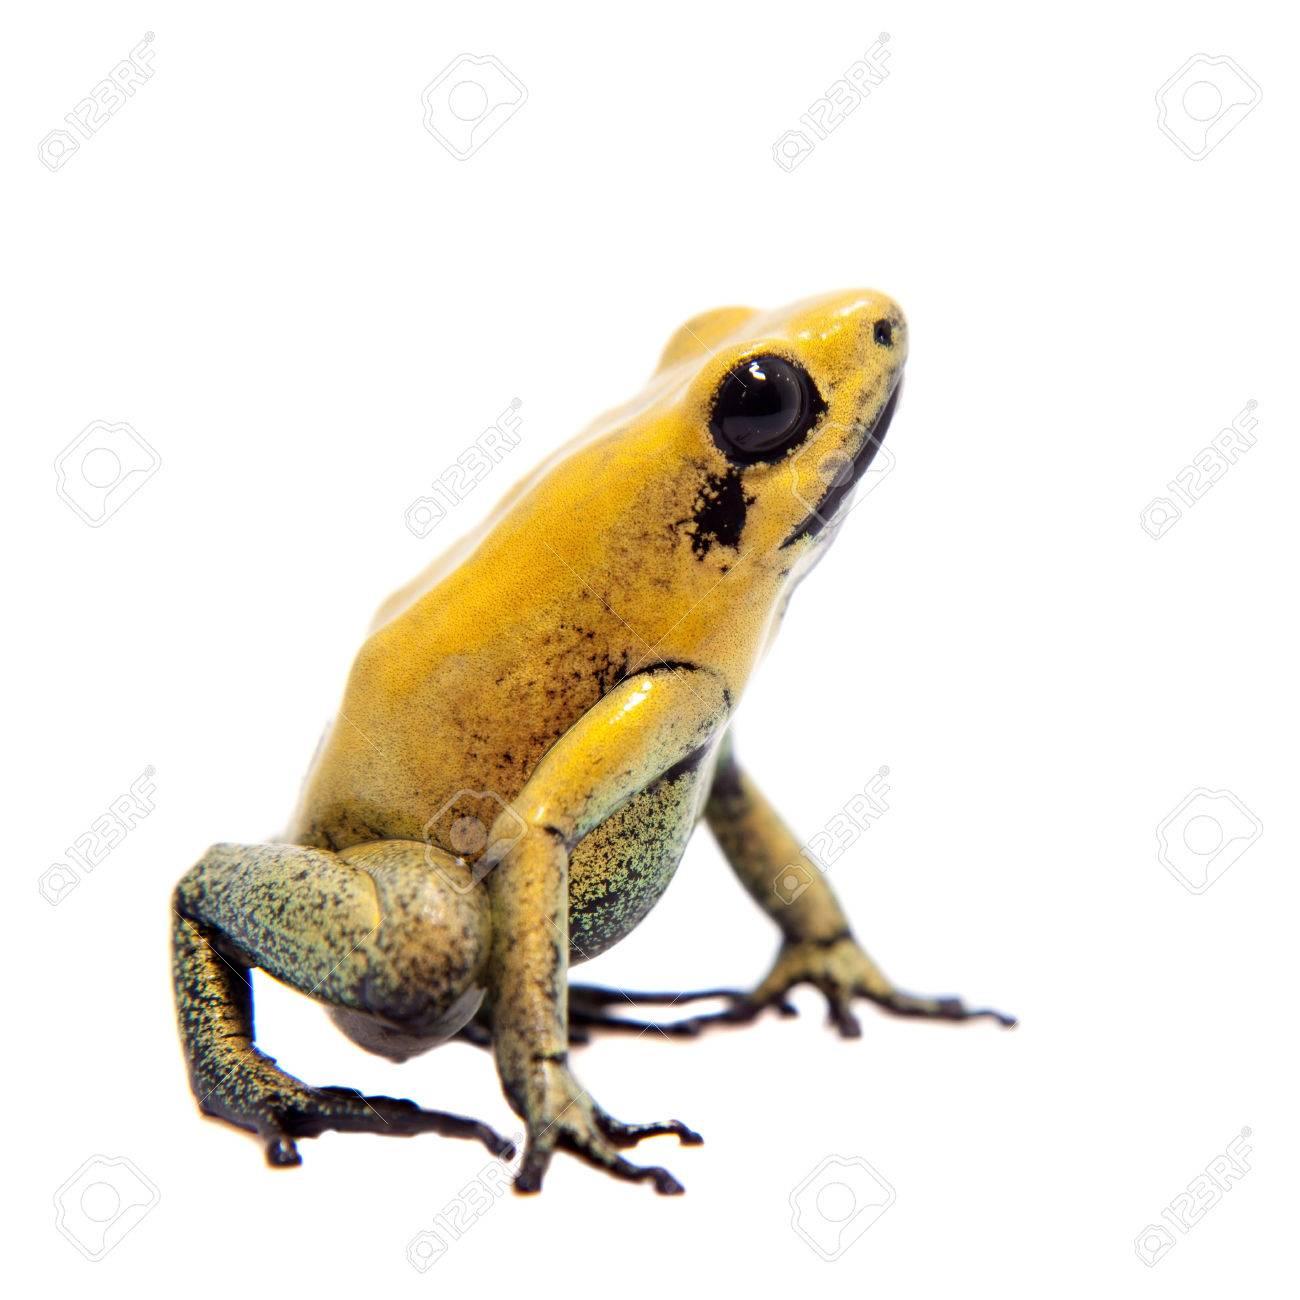 Black-legged poison frog on white - 73641522